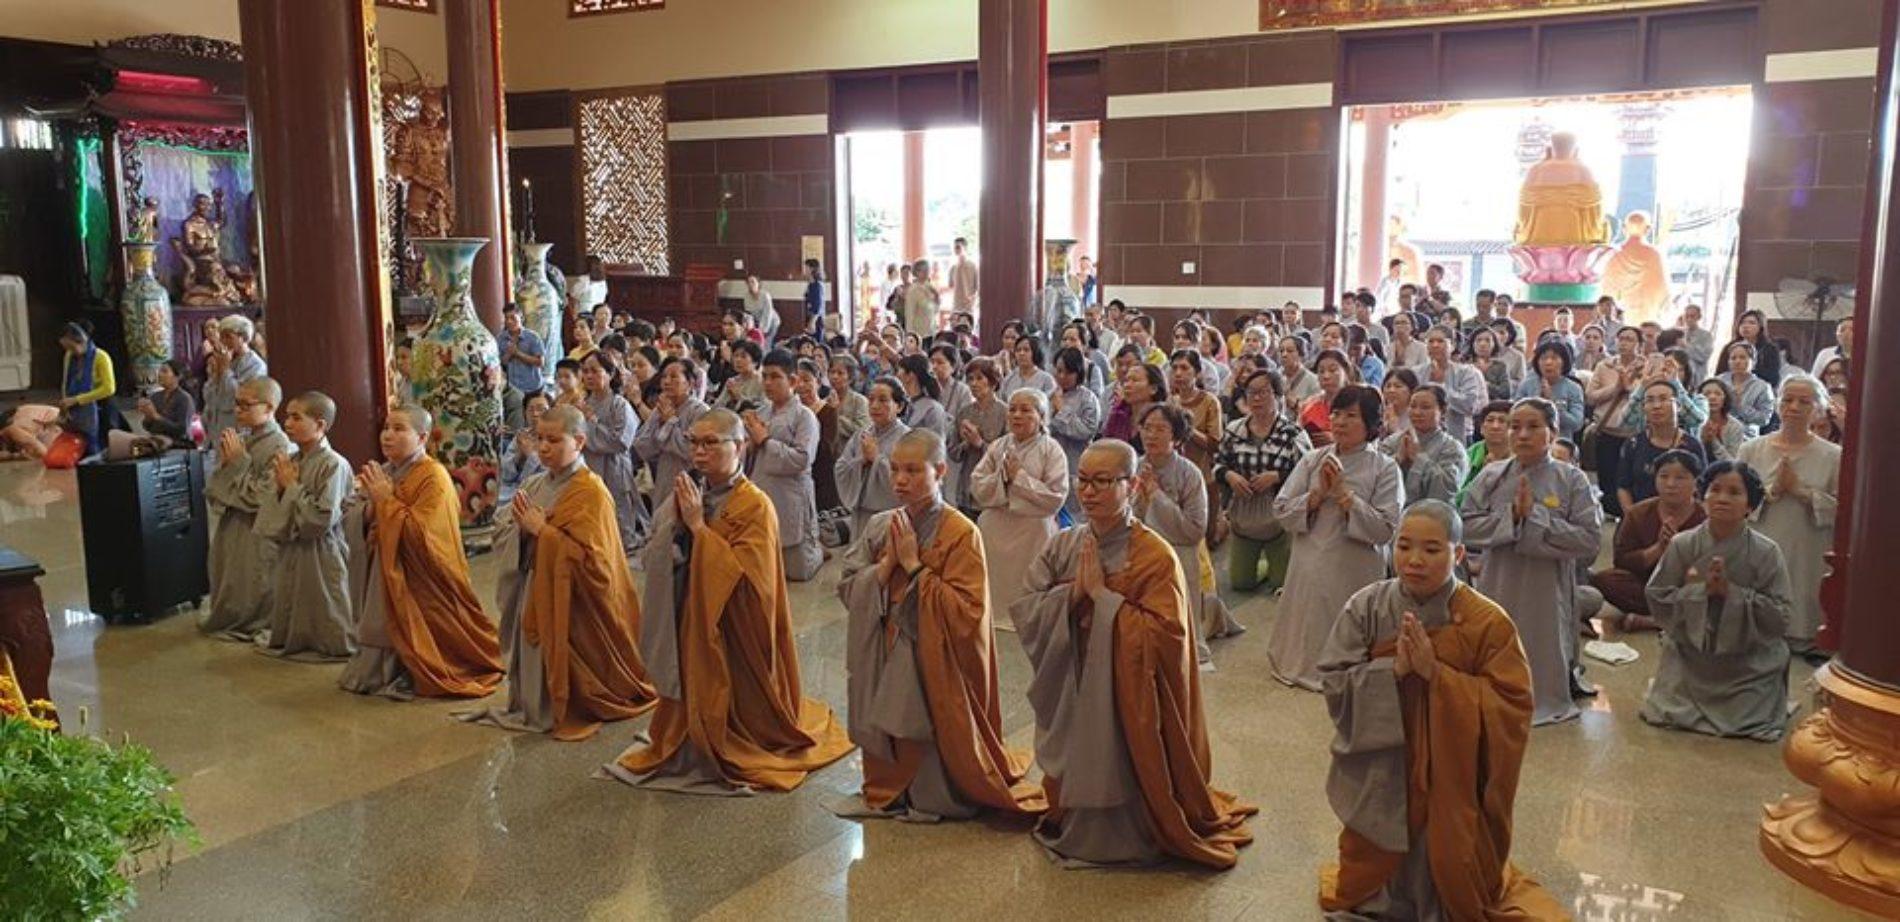 Quan Âm Tu Viện tổ chức hành hương cúng dường các chùa đầu xuân Kỷ Hợi